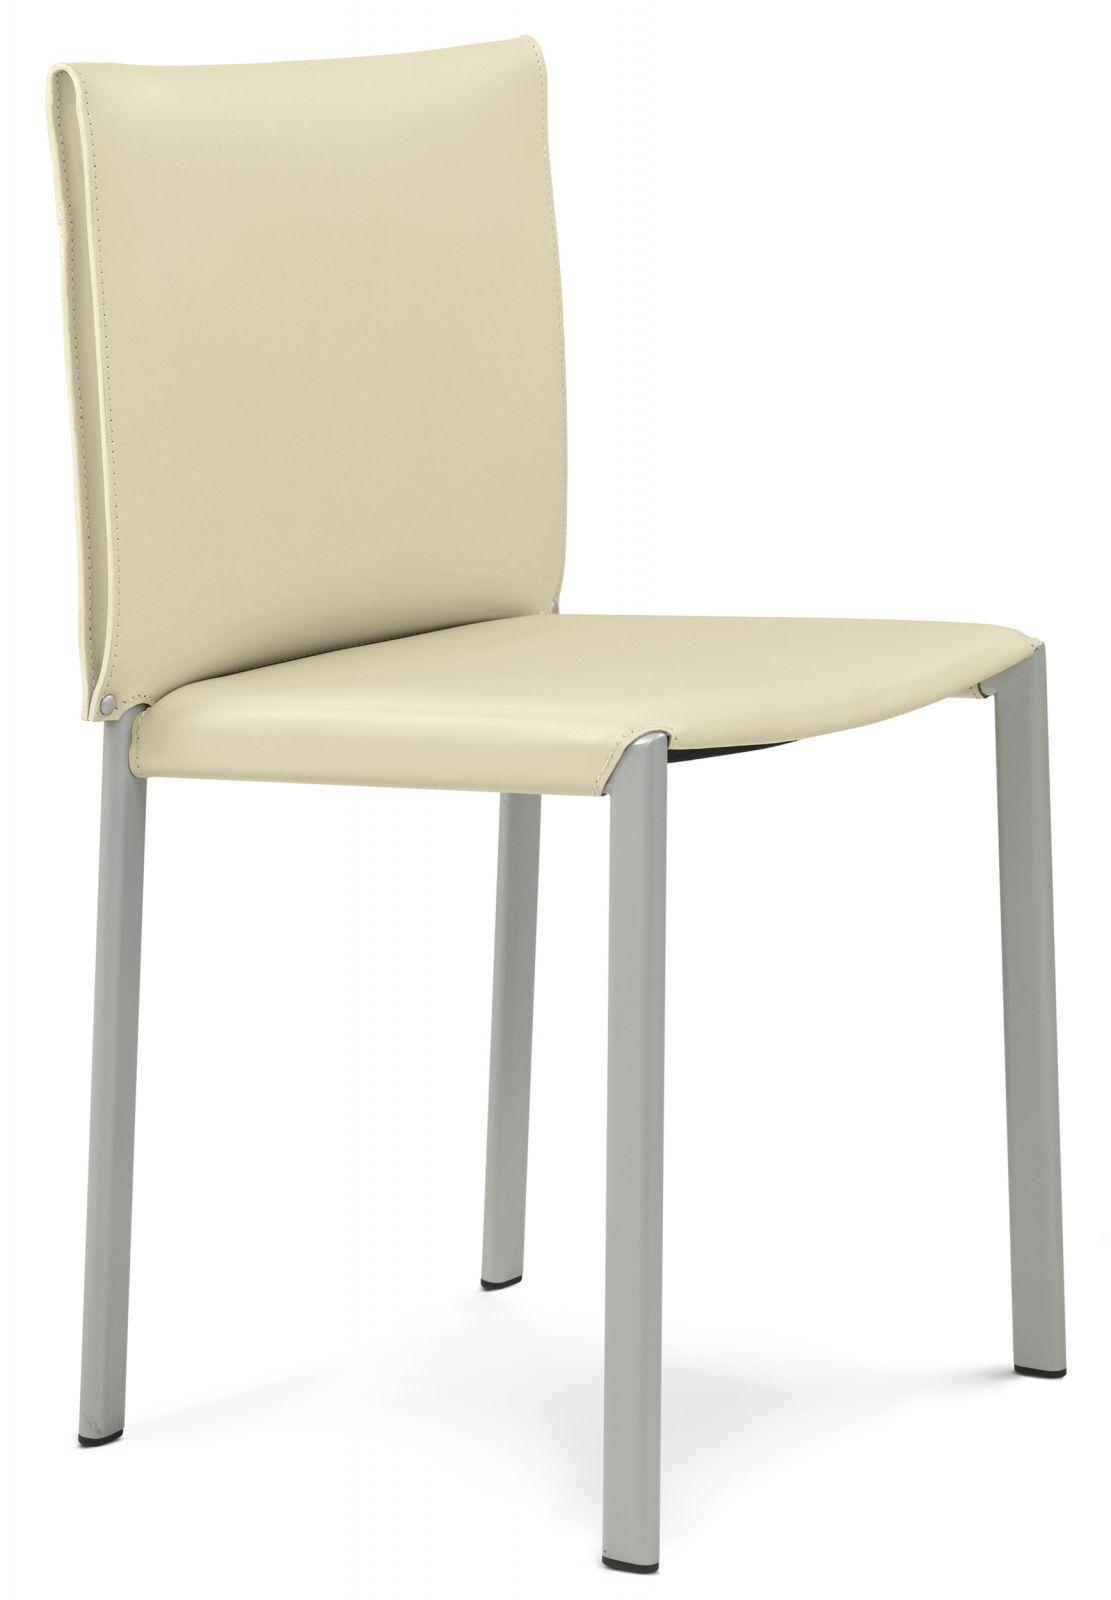 MOF 133 Modern Office Chair